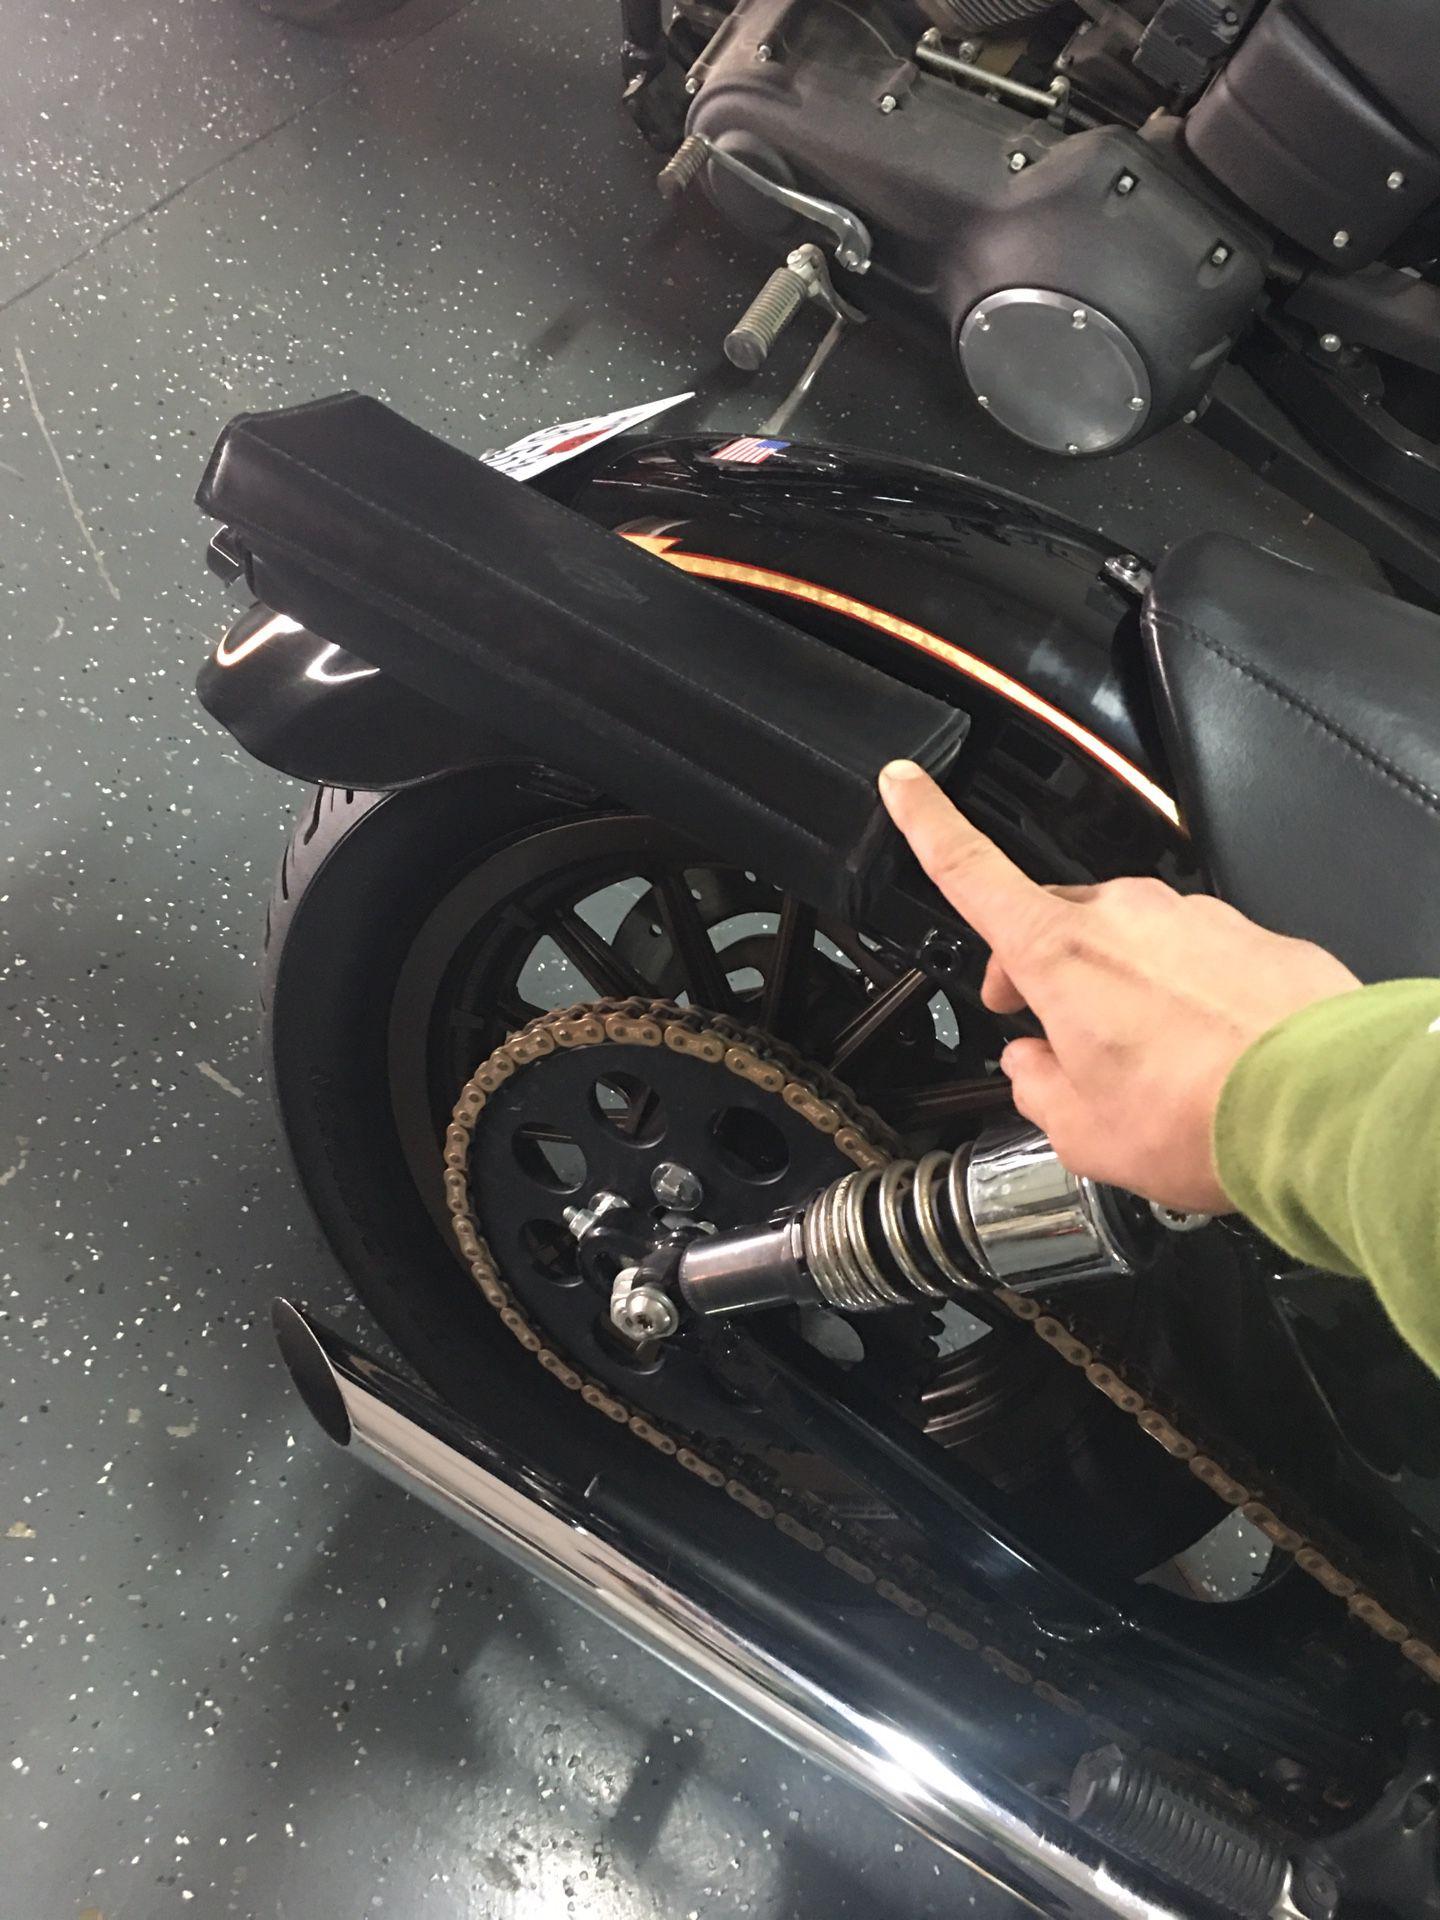 Harley-Davidson leather bag/case